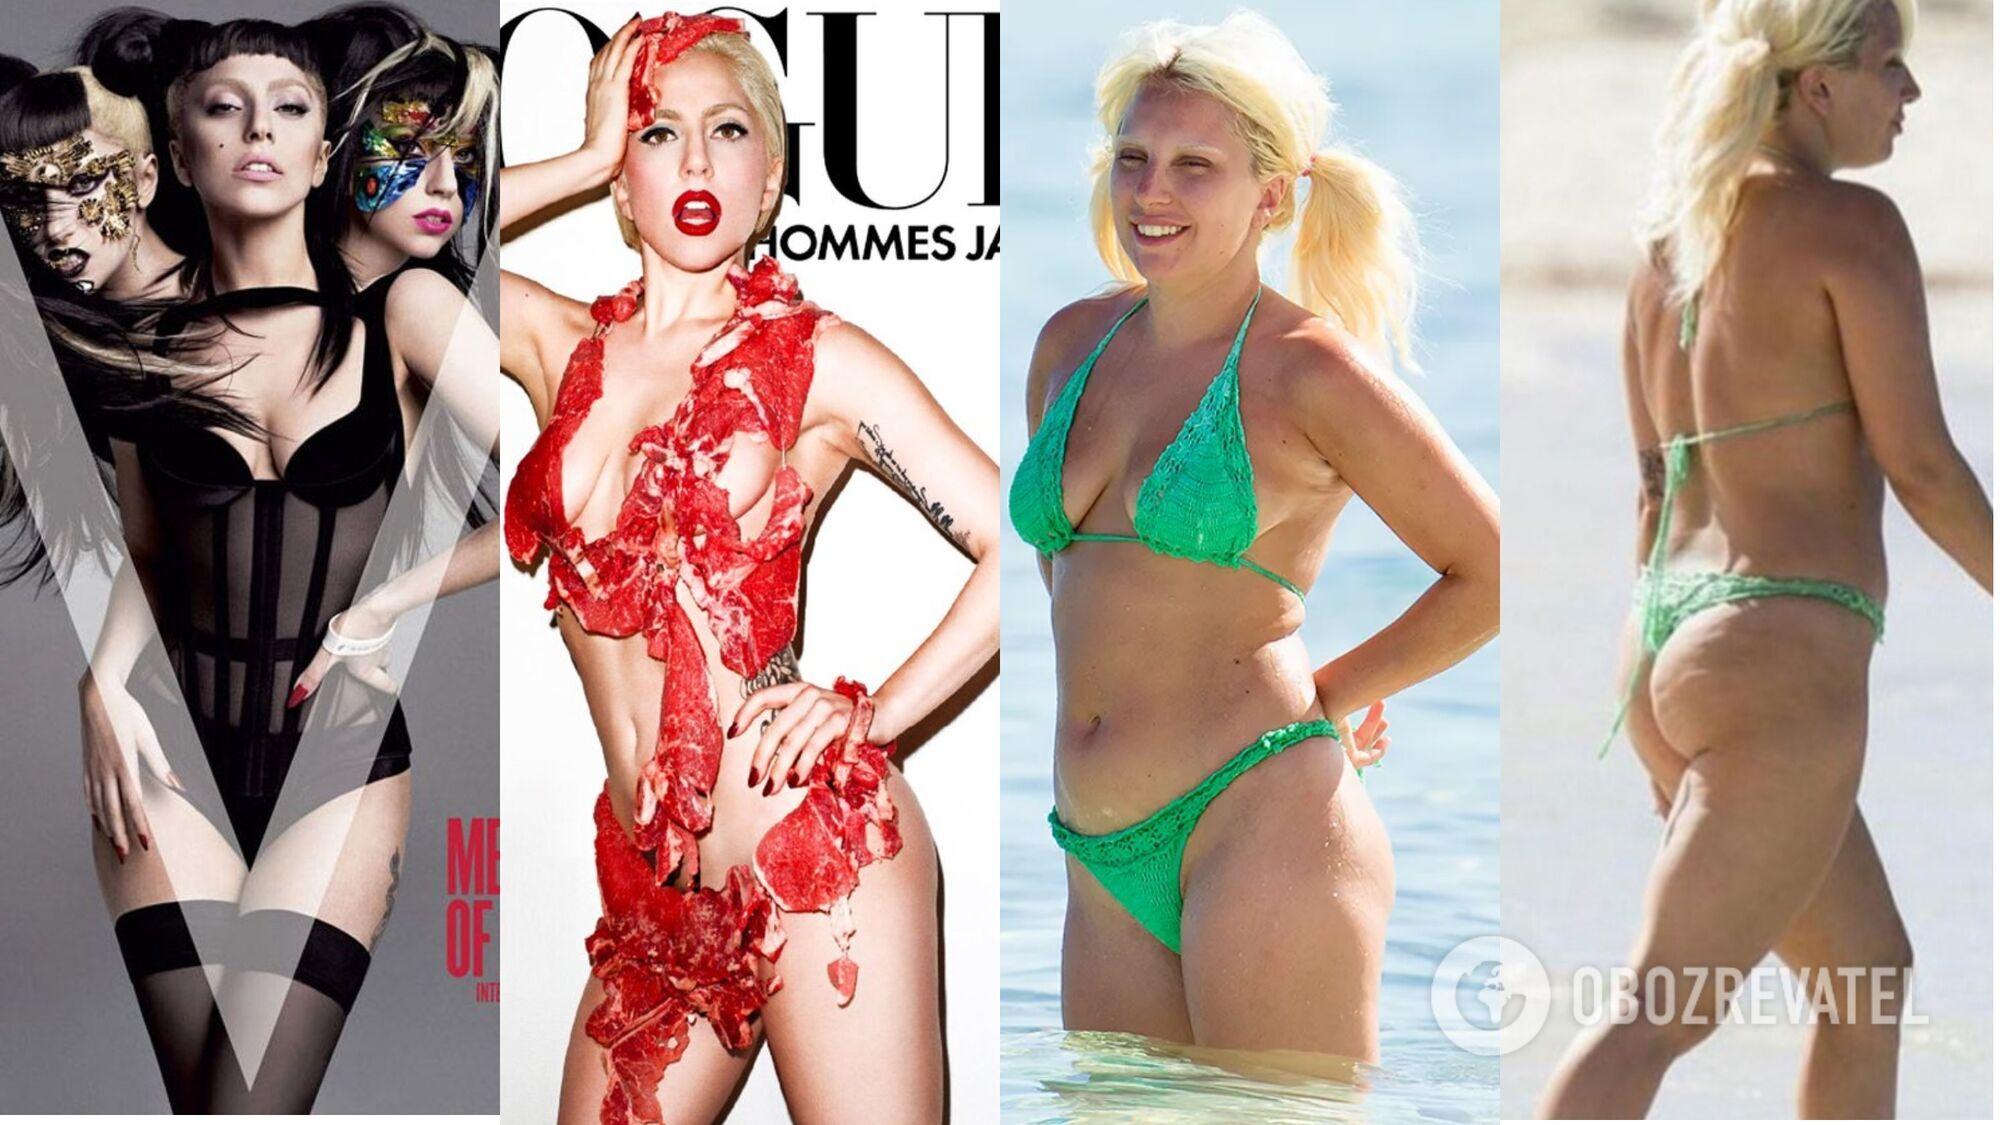 Фігура та обличчя Леді Гаги без ретуші відрізняються від тих, що ми бачимо на обкладинках журналів